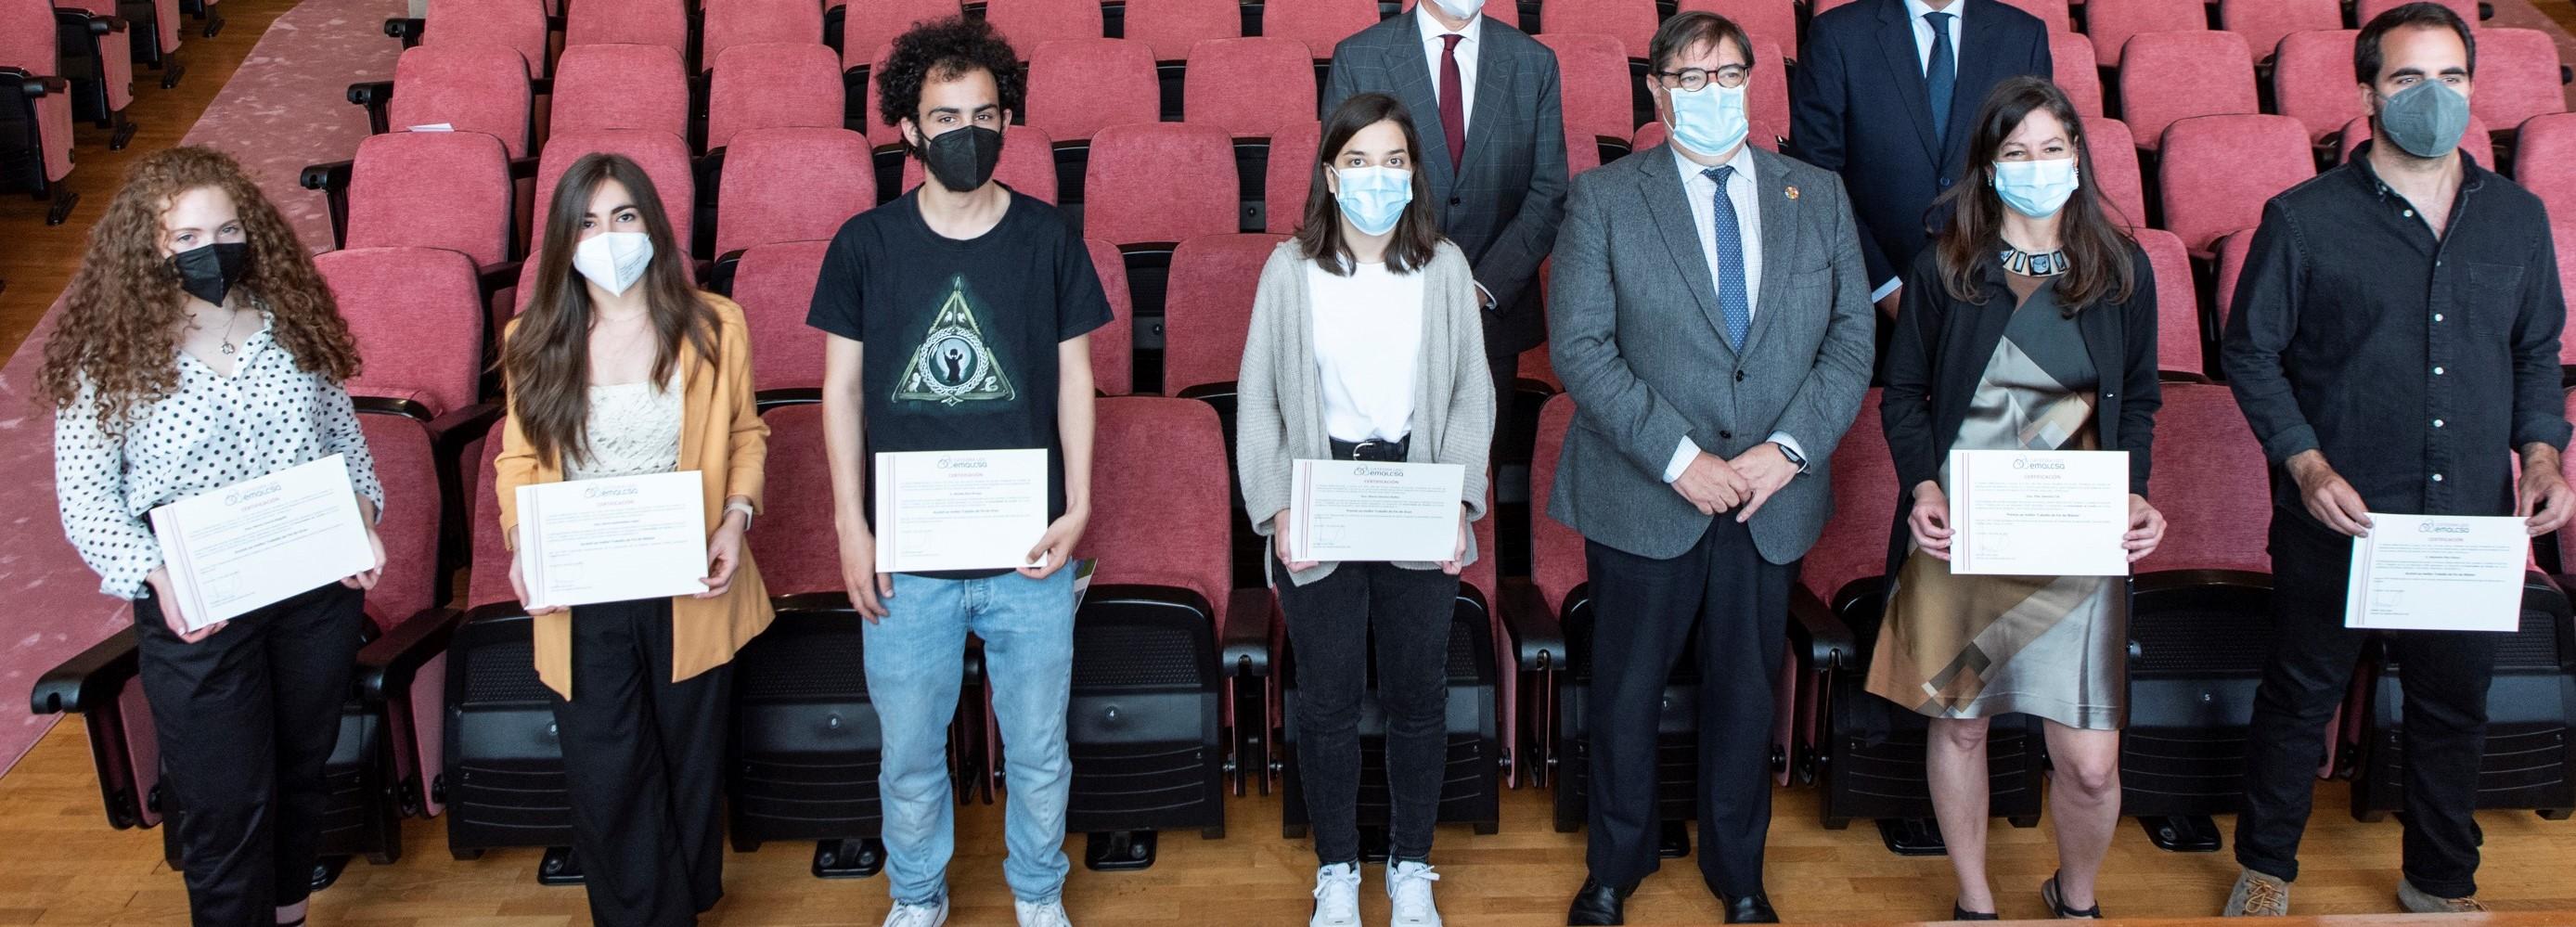 Pilar Sánchez y Marta Sánchez, Premios Cátedra  Emalcsa-UDC